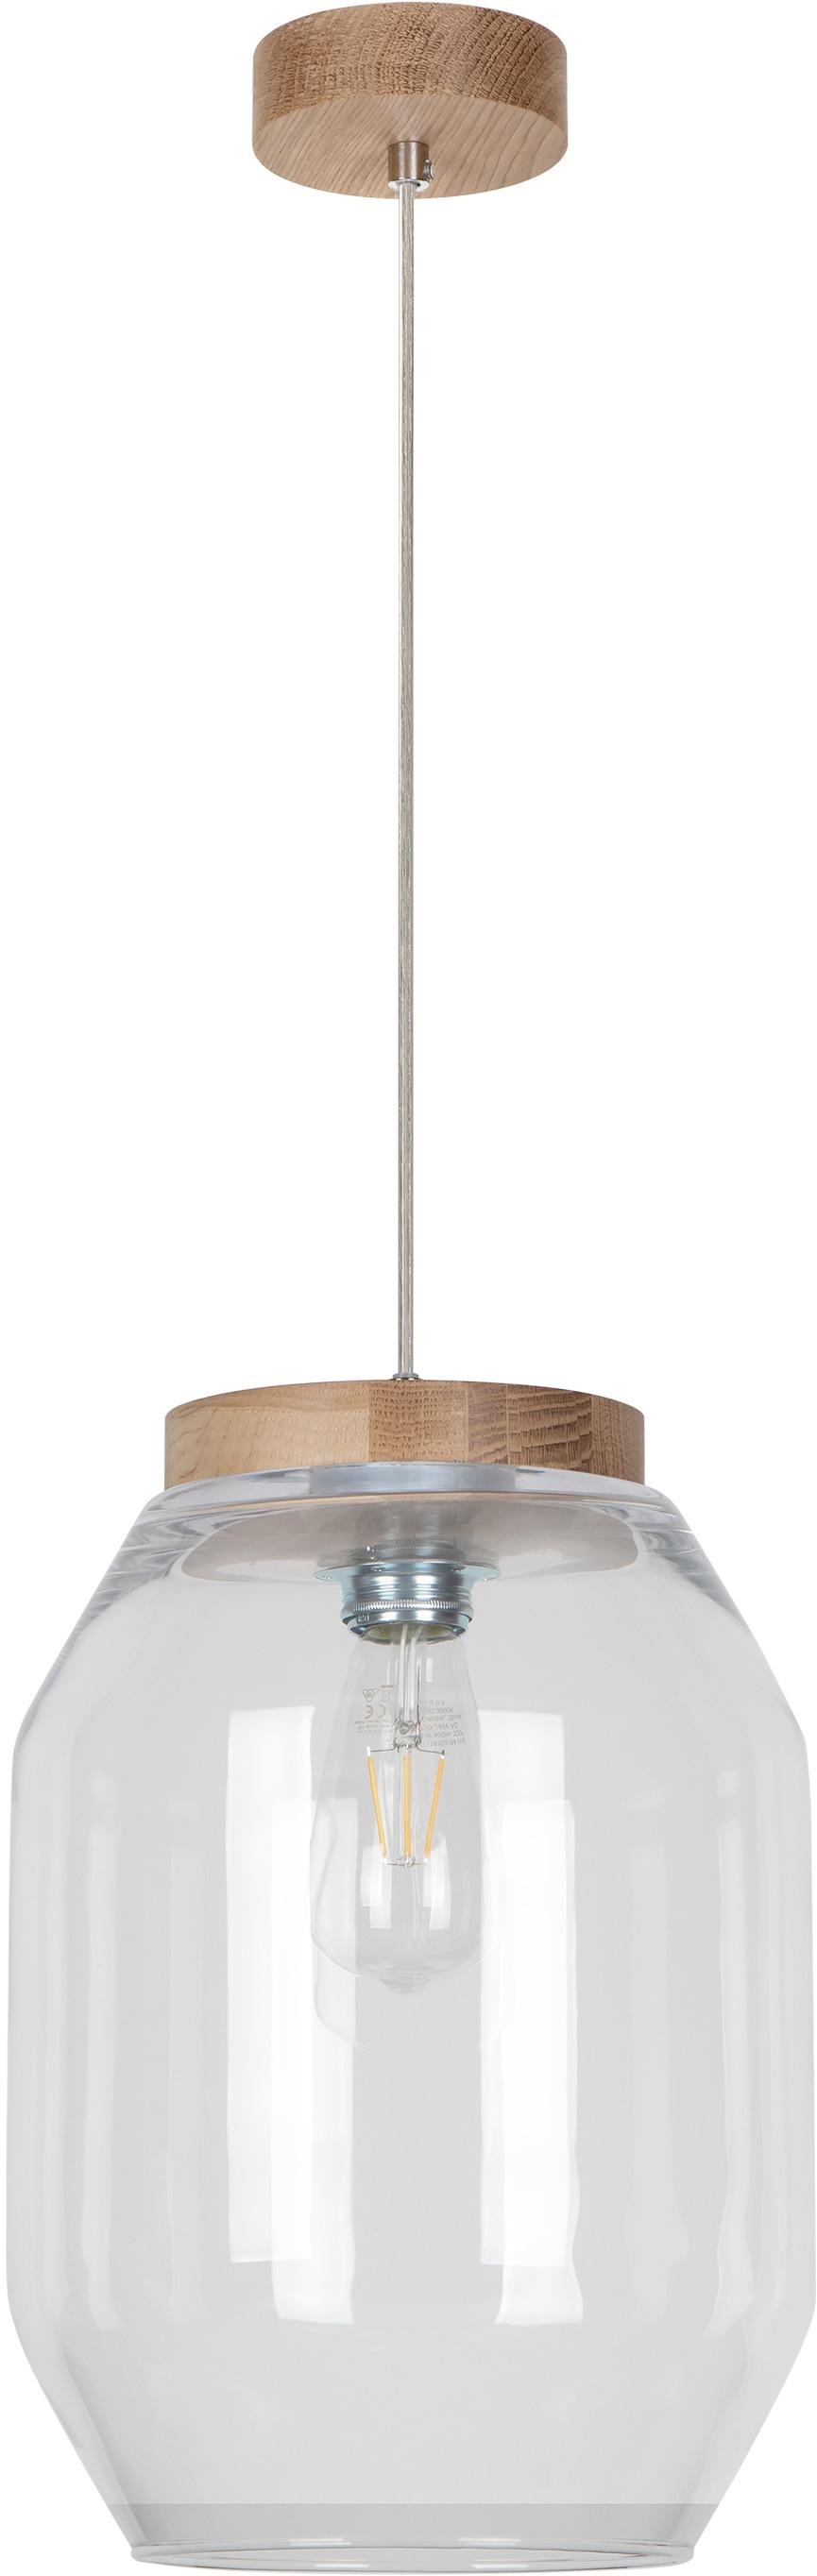 BRITOP LIGHTING Pendelleuchte VASO, E27, 1 St., Naturprodukt aus Eichenholz, Nachhaltig mit FSC-Zertifikat, Hochwertiger Glasschirm